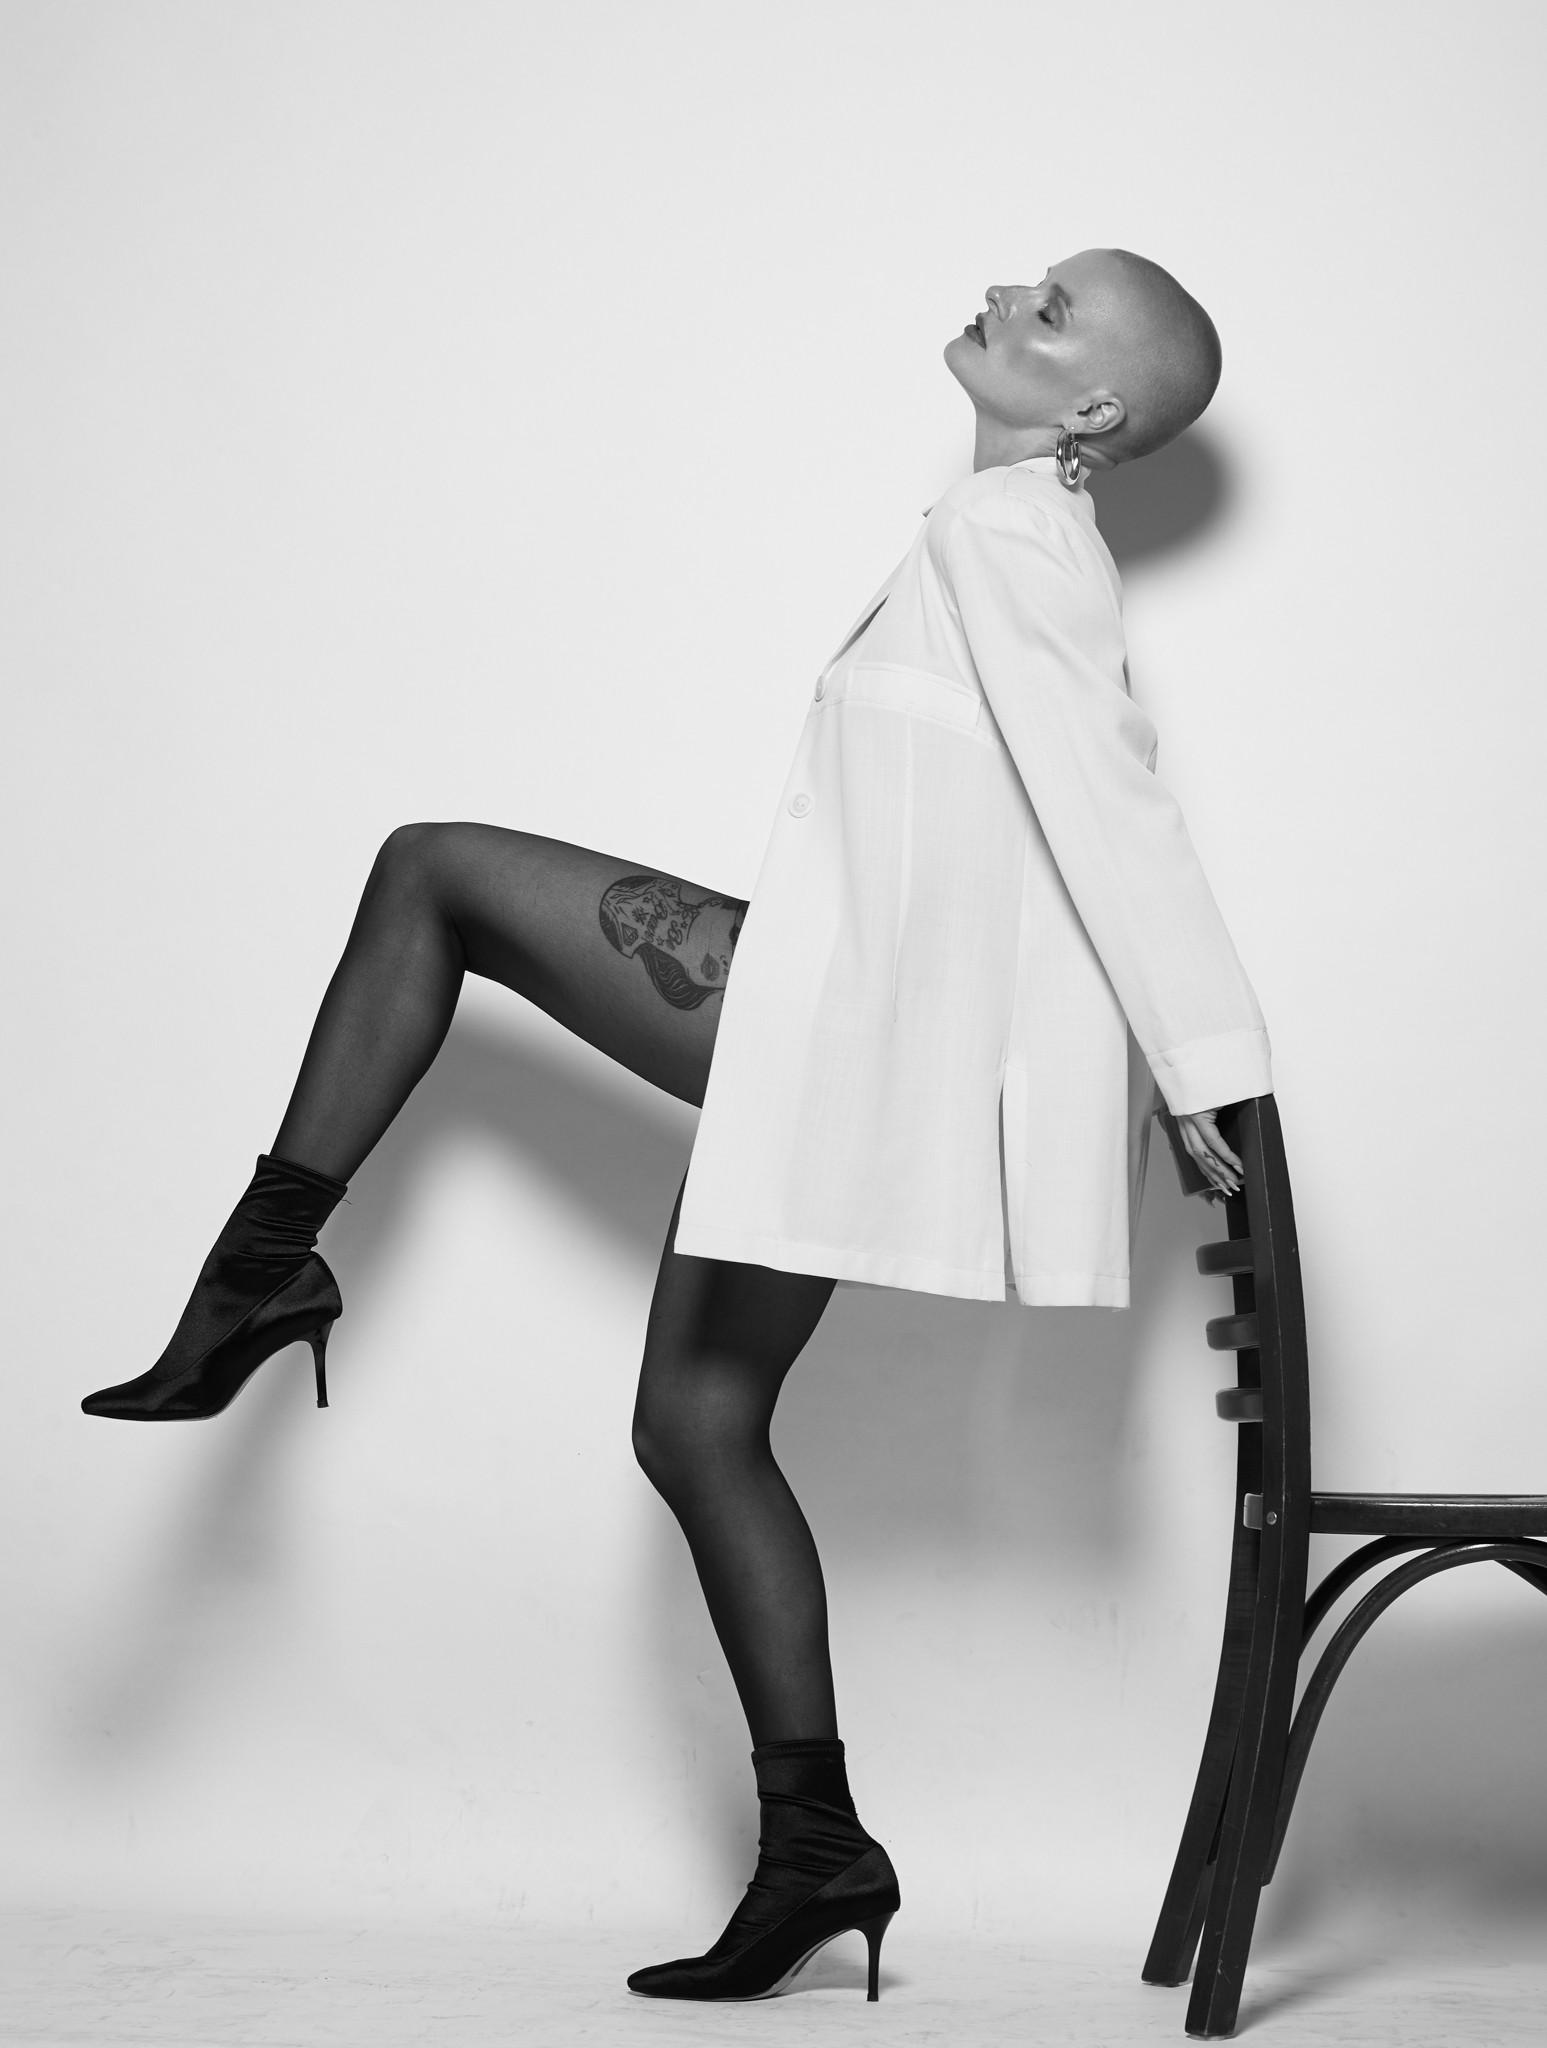 jill-valerie-jan-kruize-woman-penty-chair-high-heels